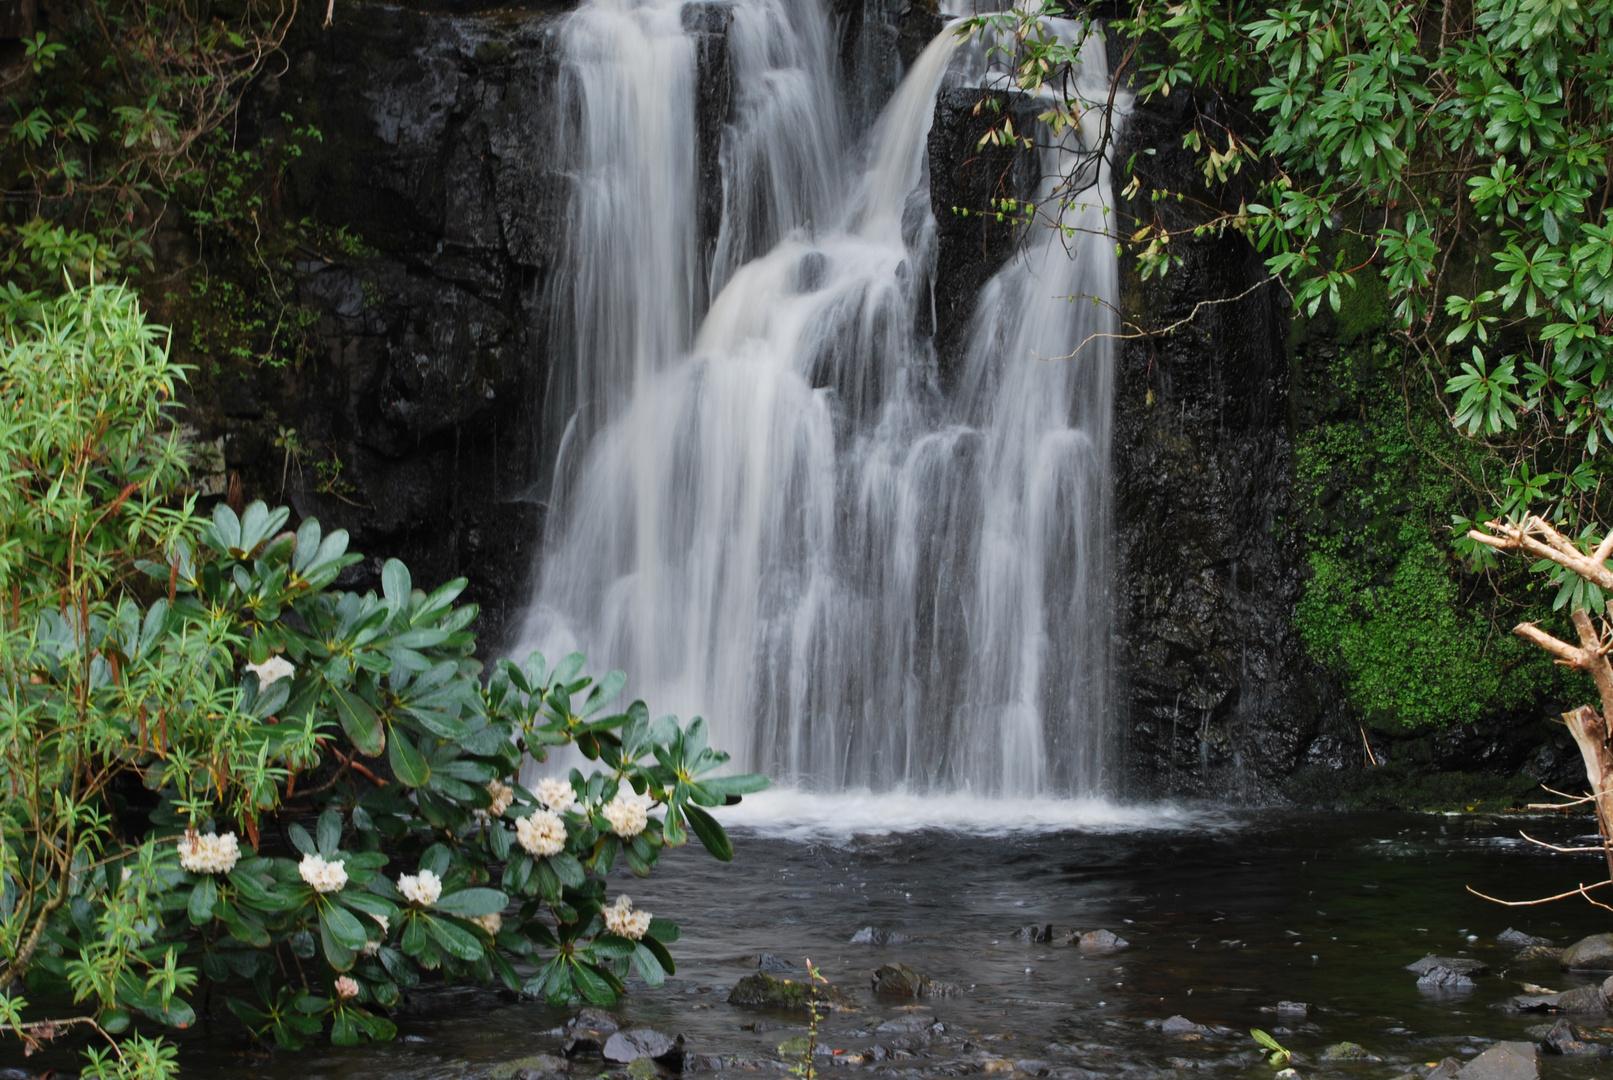 Wasserfall in Schottland